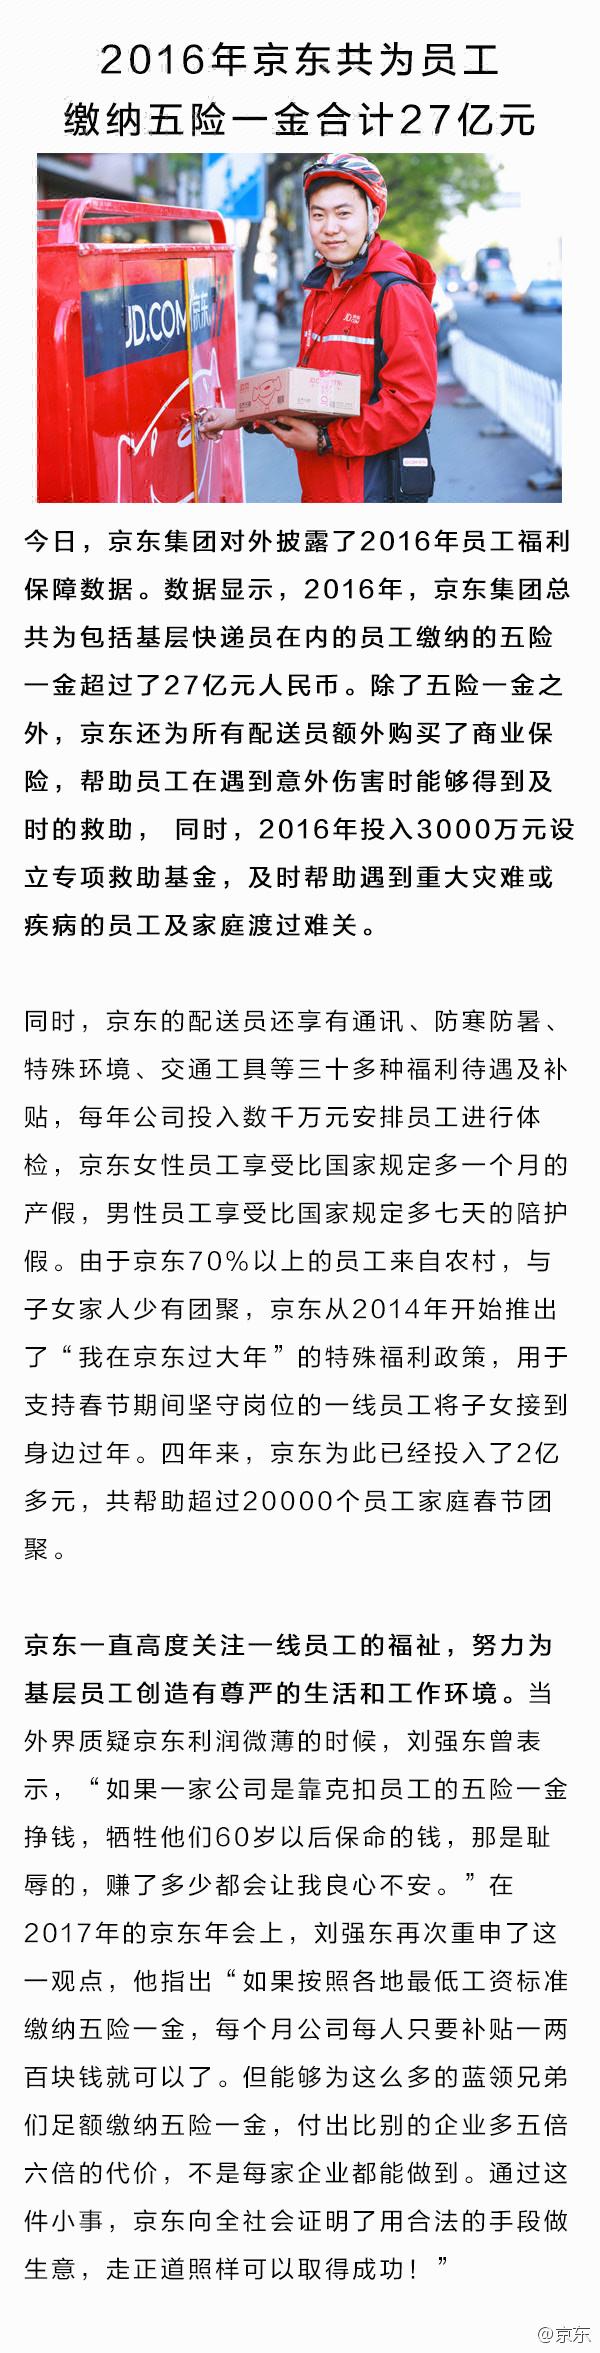 2016年京东共为员工缴纳五险一金合计27亿元! 